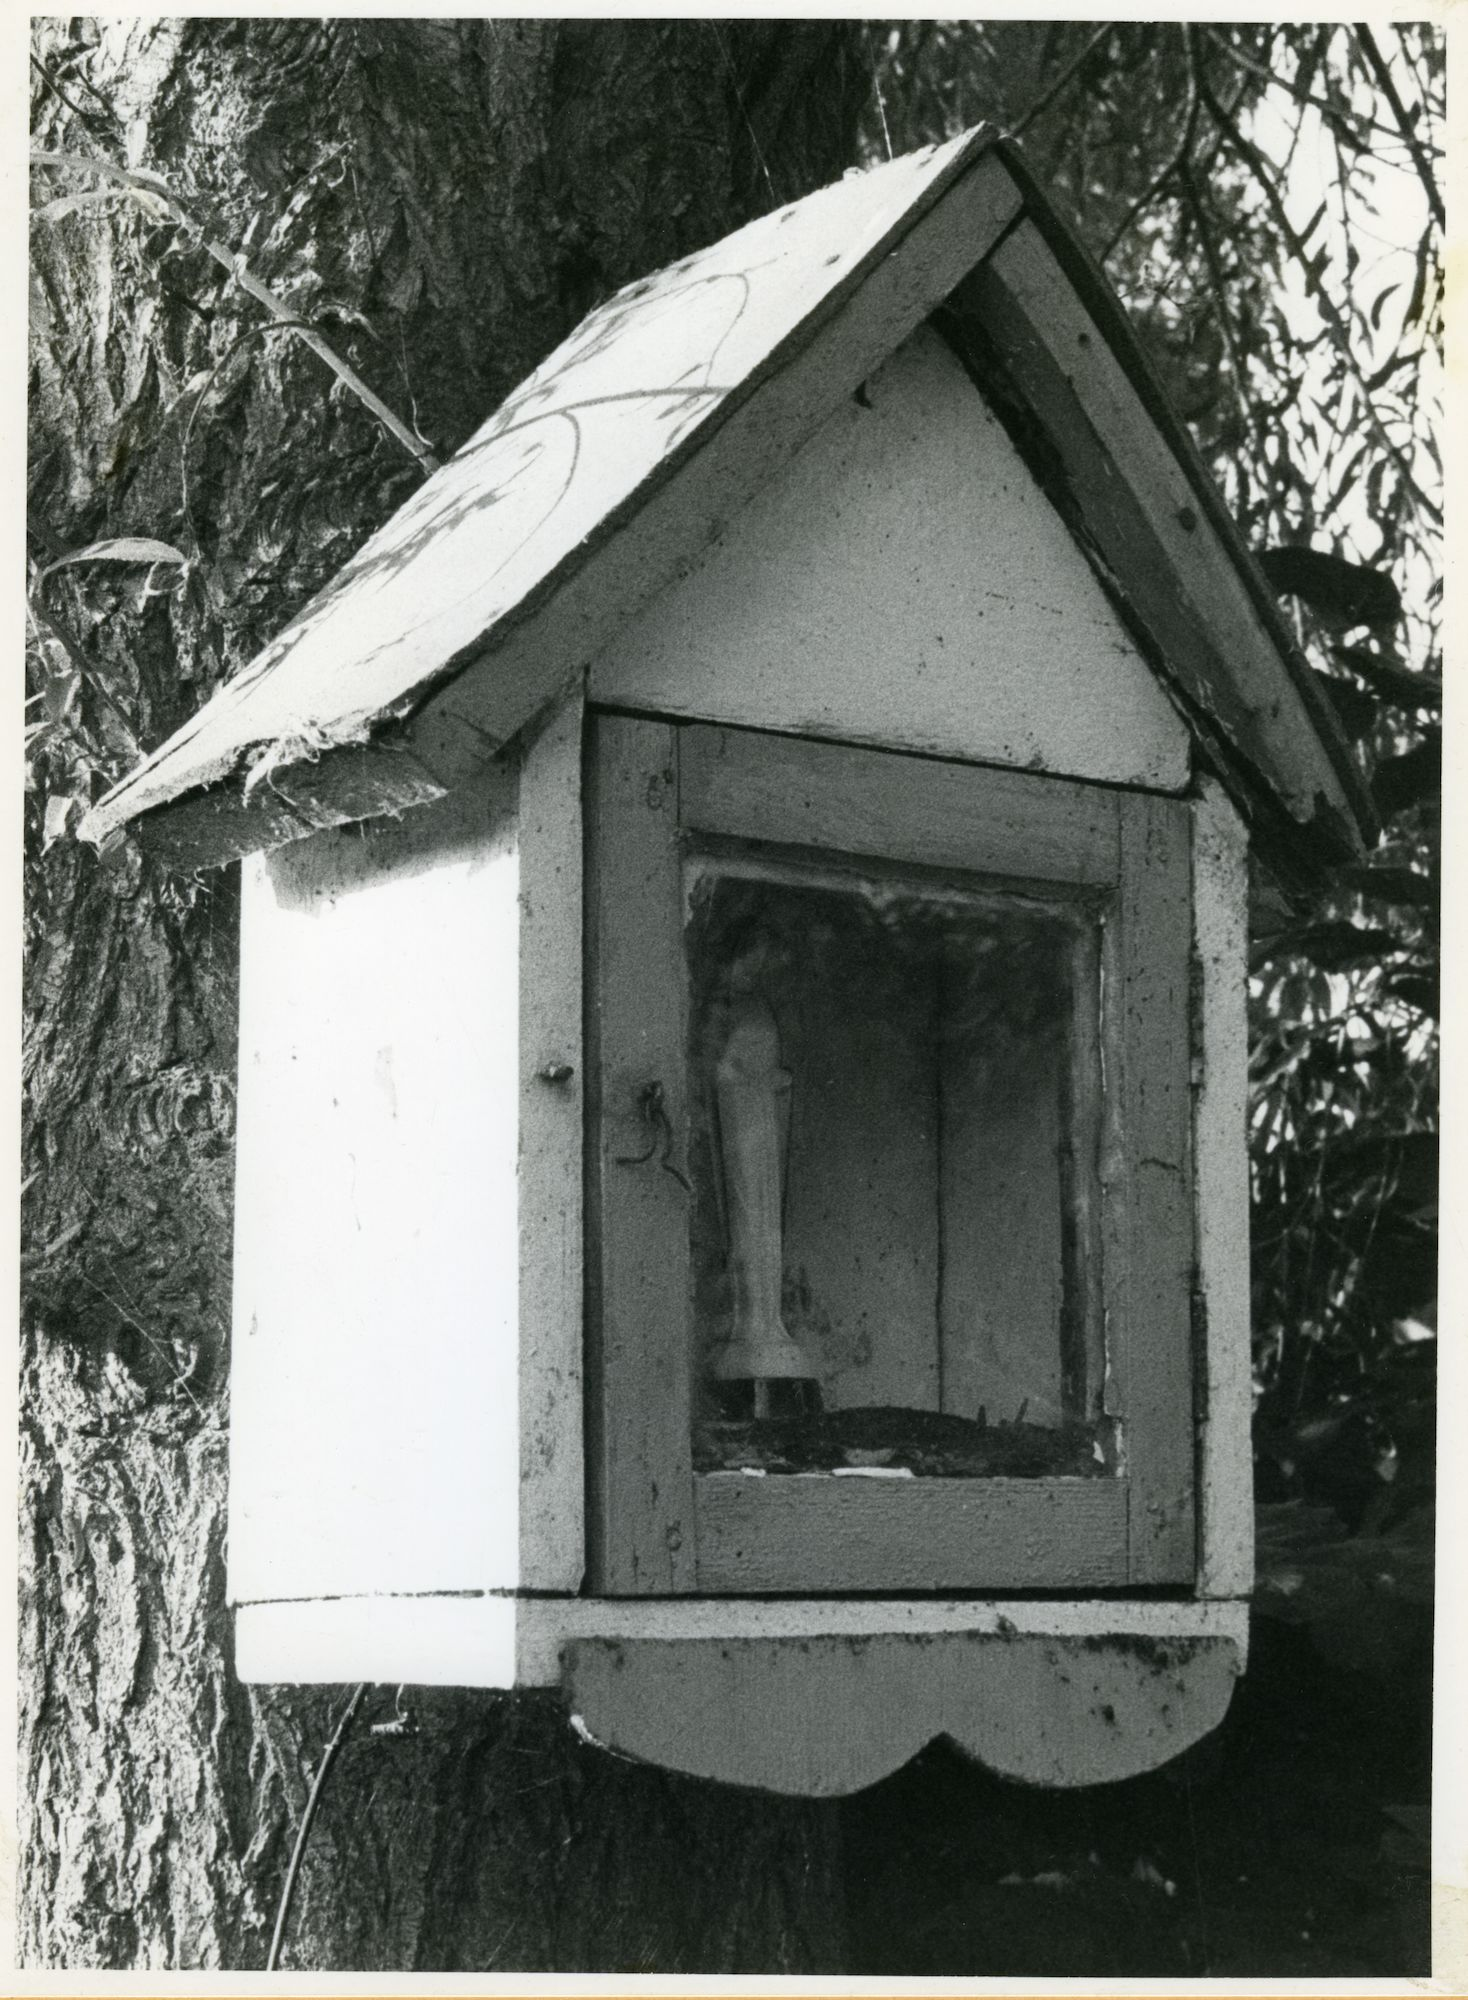 Drongen: Halewijnstraat 11: Boomkapel, 1979